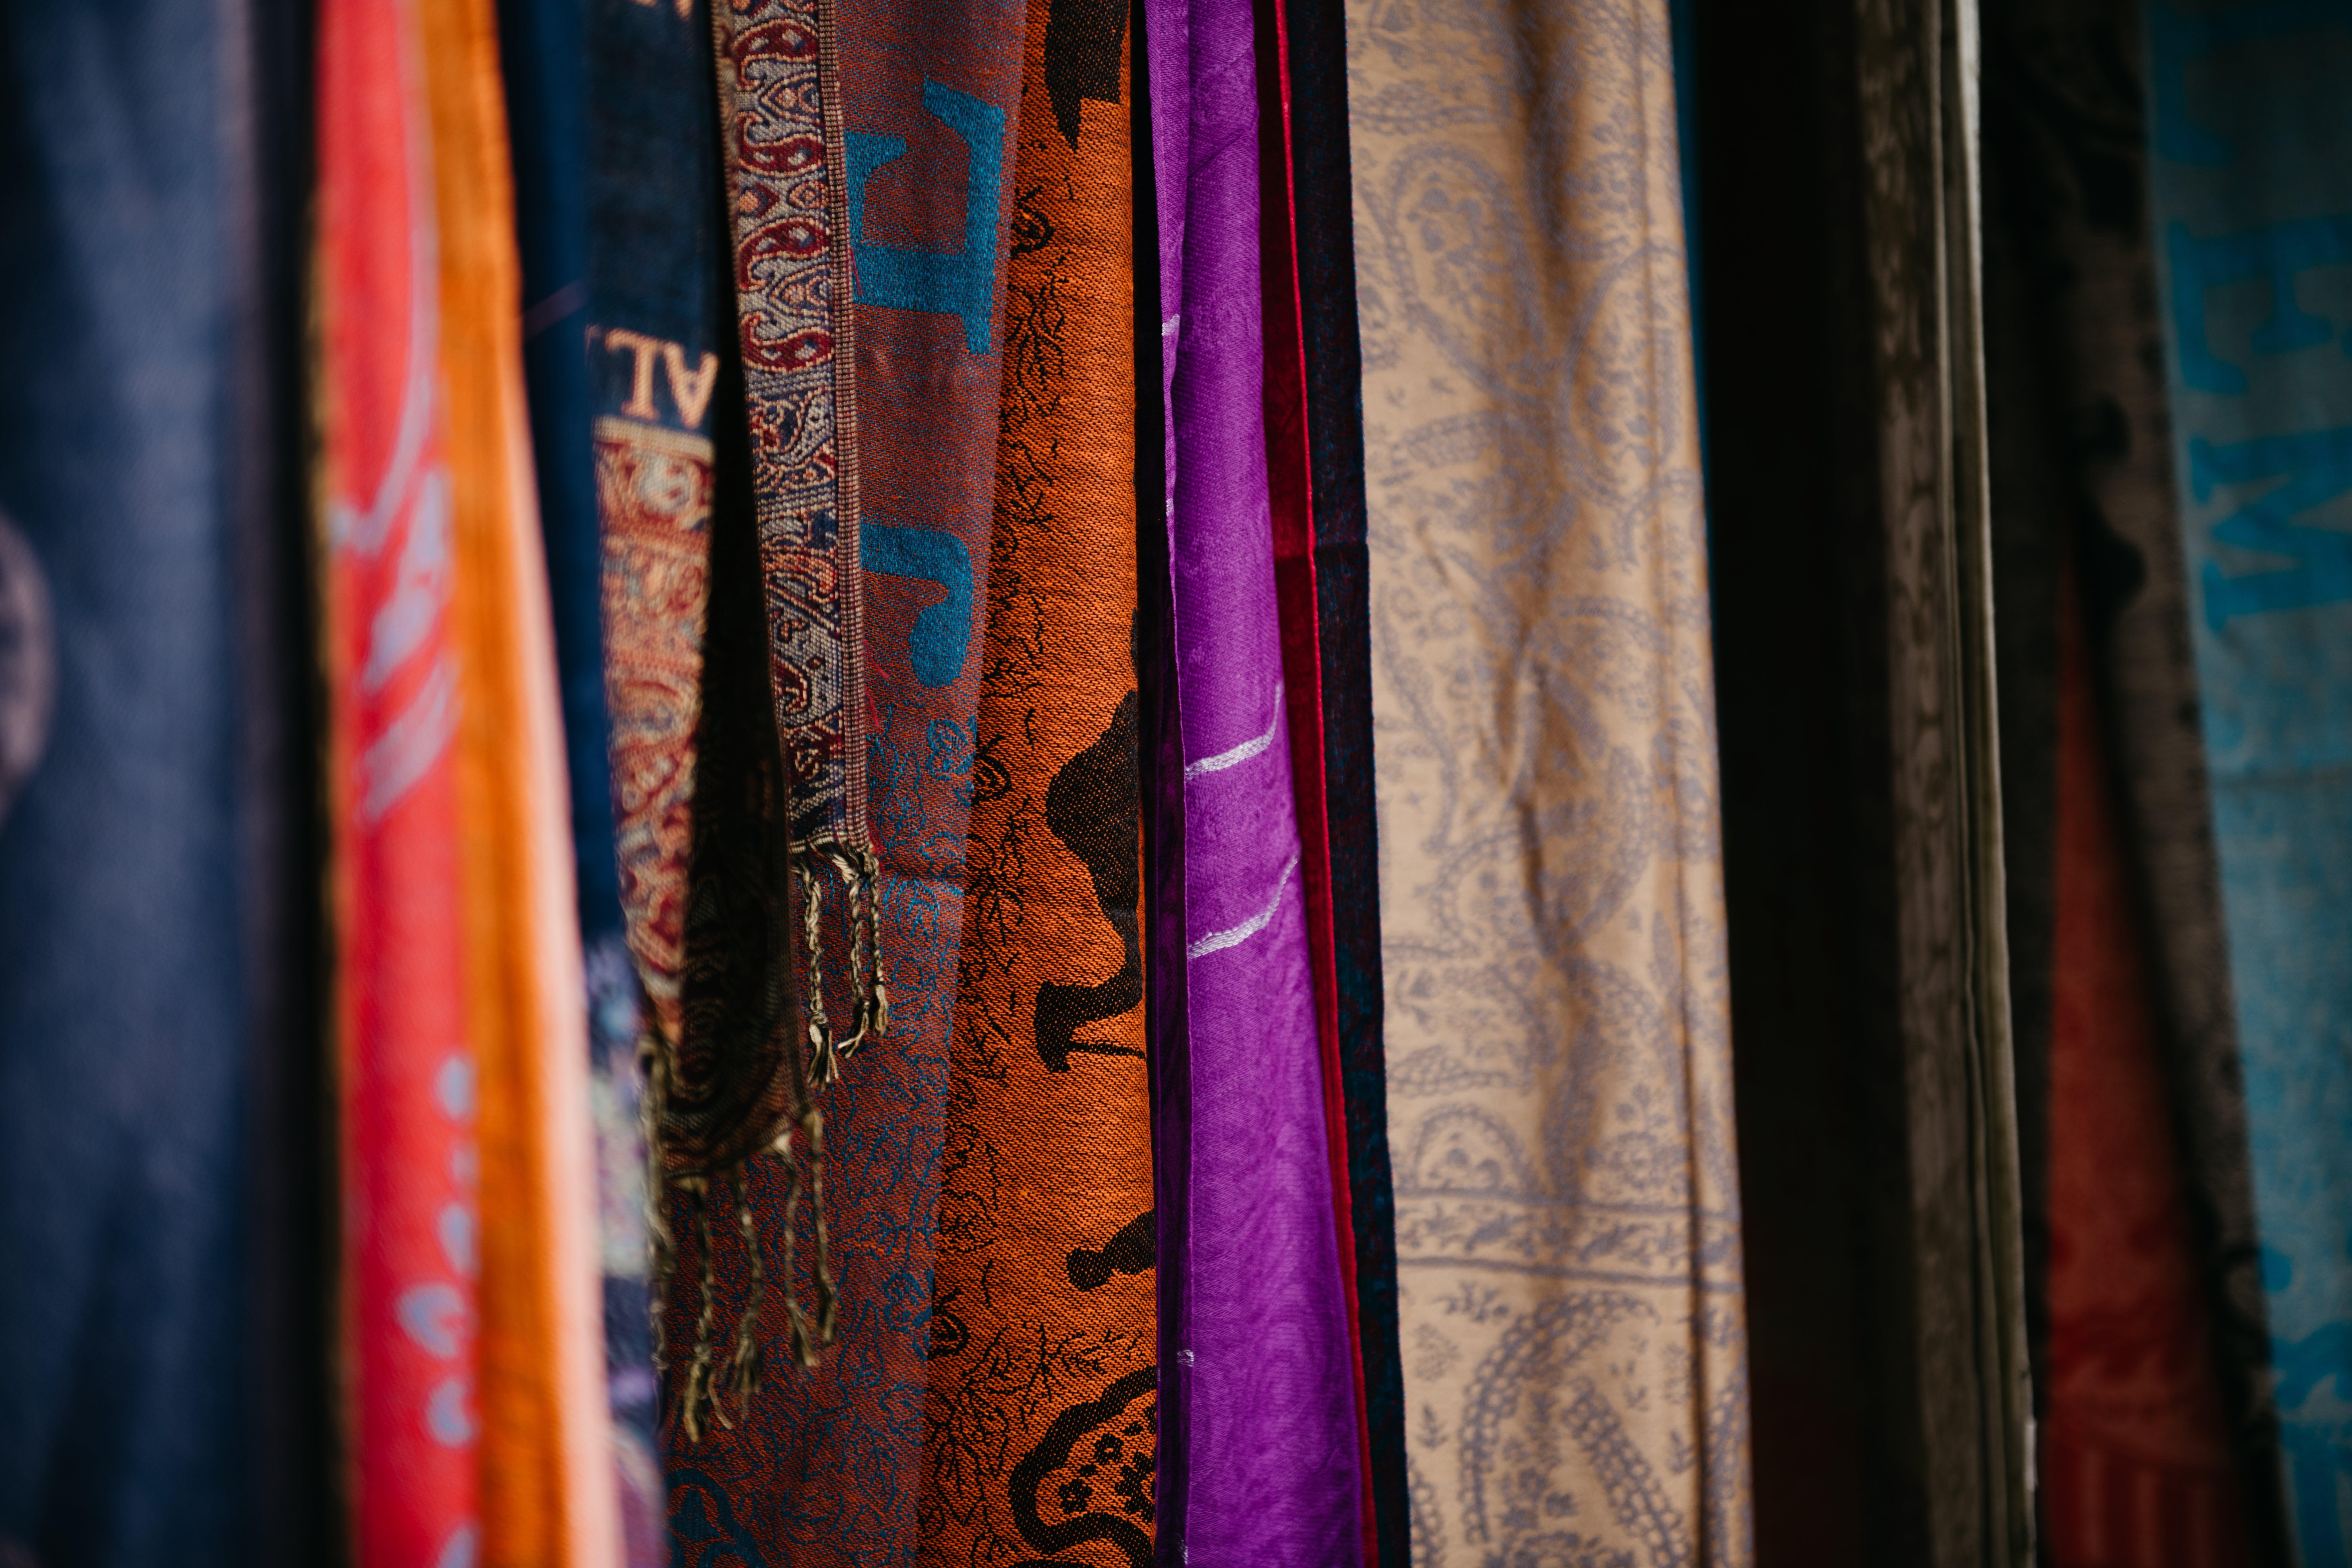 Kostnadsfri bild av bås, blandad, design, färger